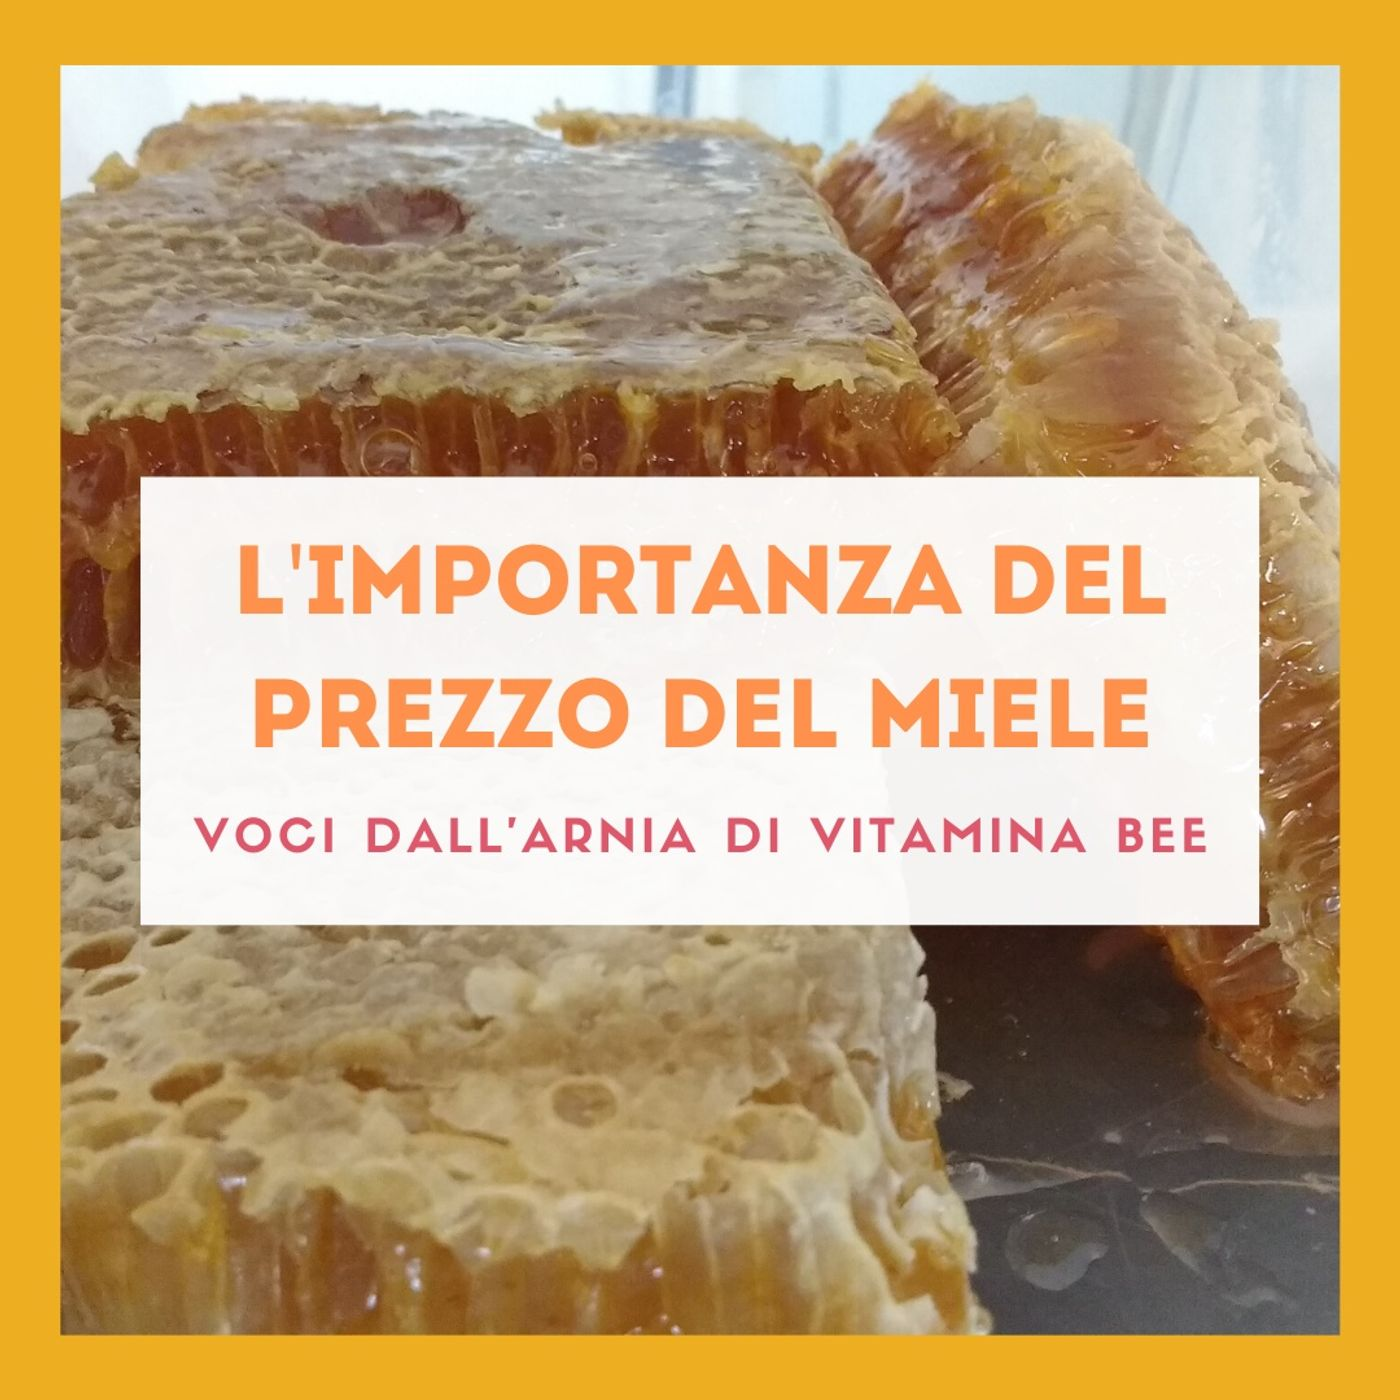 L'importanza del prezzo del miele